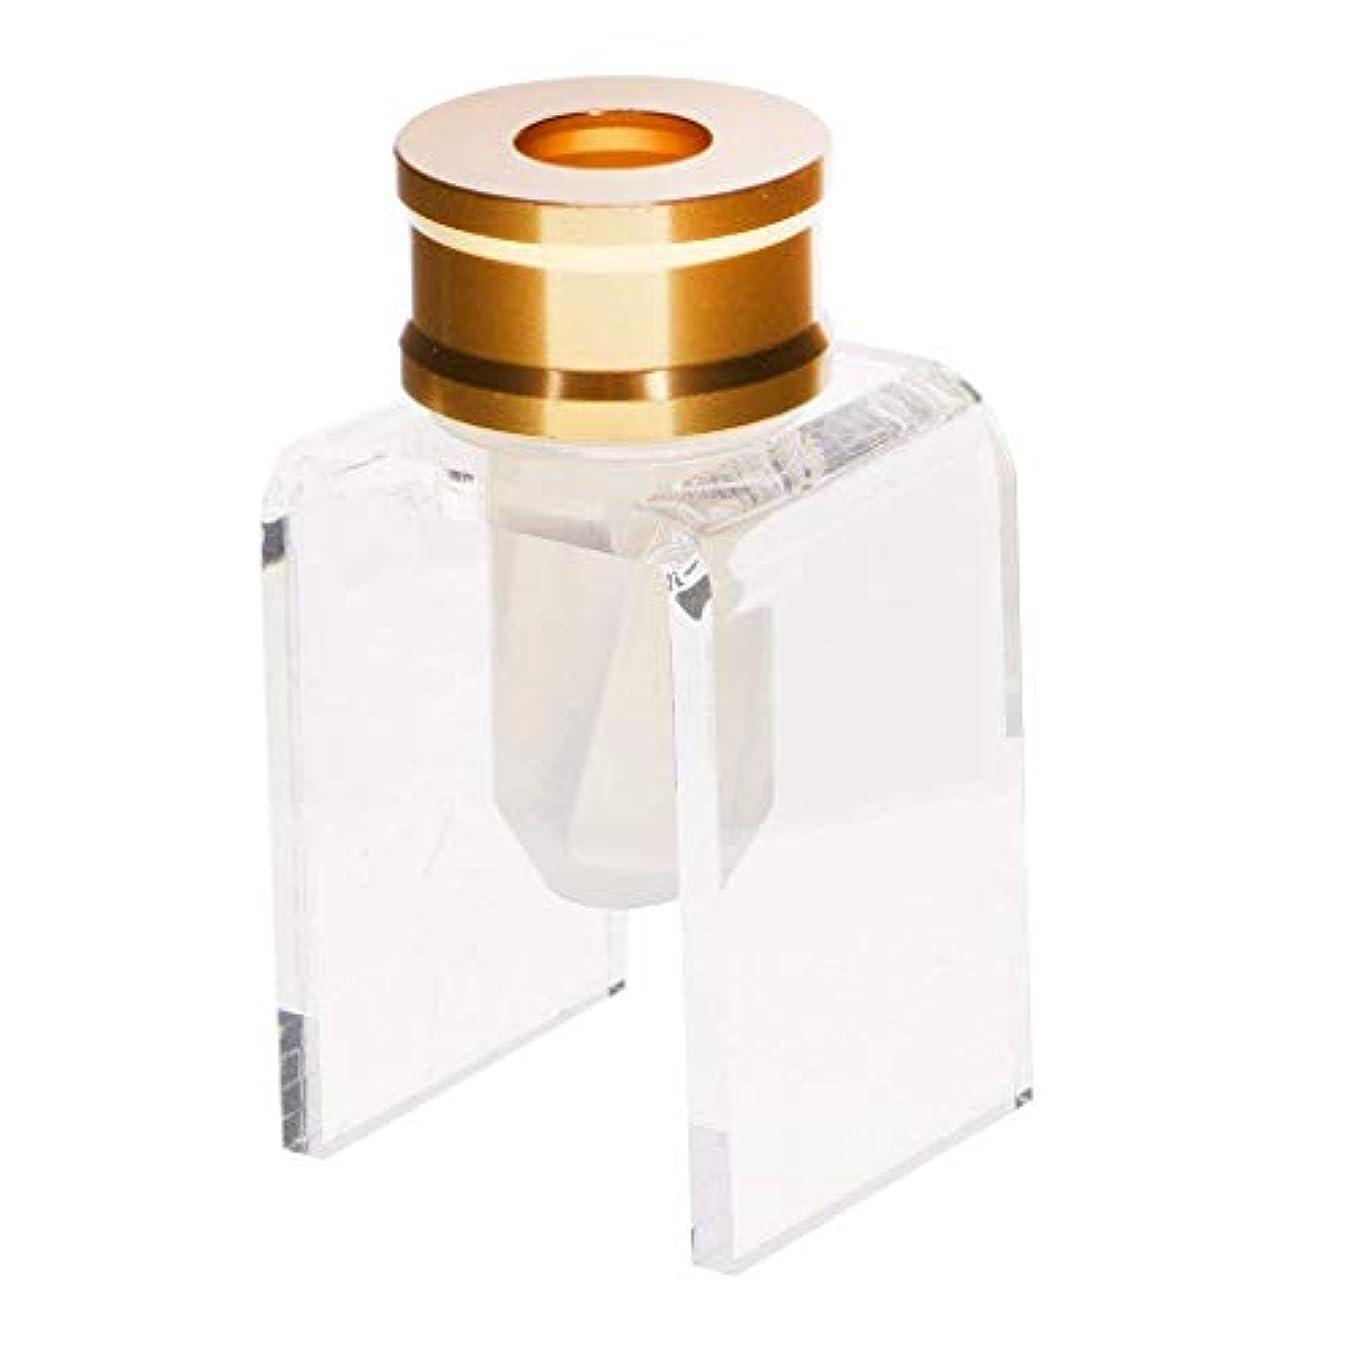 気づくダンプ人間DIYビルダー口紅パッケージ用の金型クランプリングを埋めるシンプルな金型設計シリコーン口紅バーム口紅型は1セット